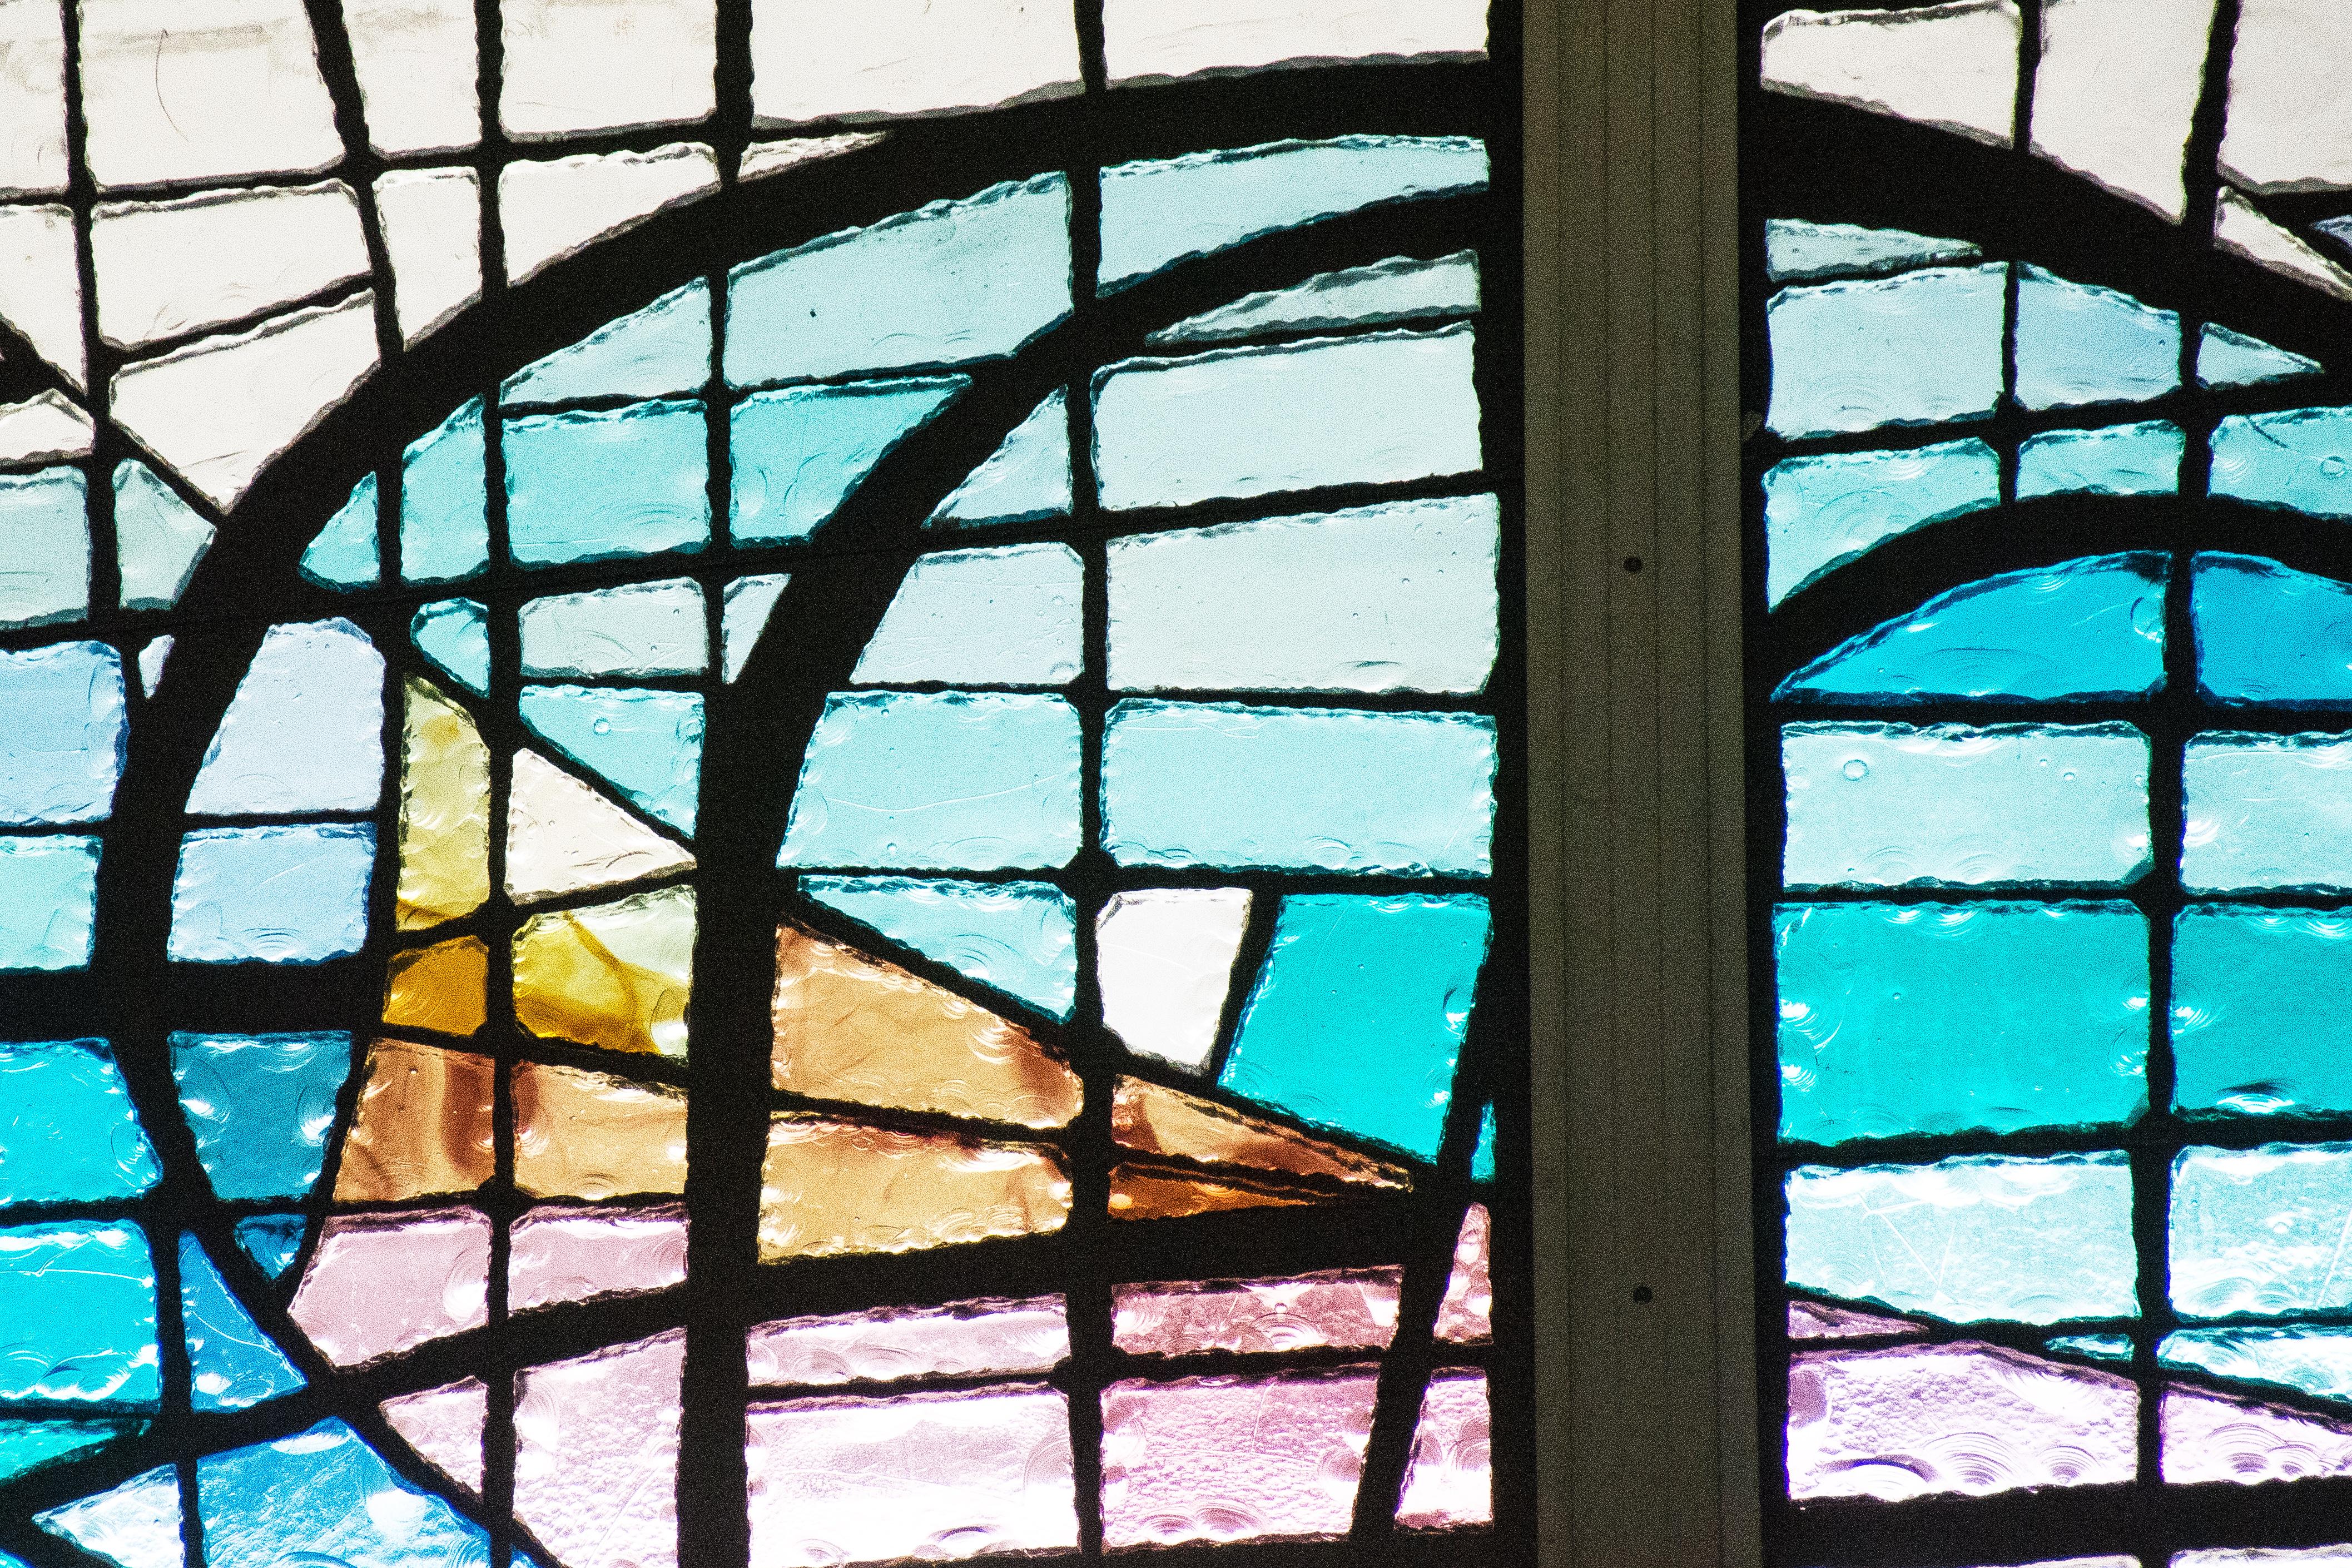 upclosestainedglass0080